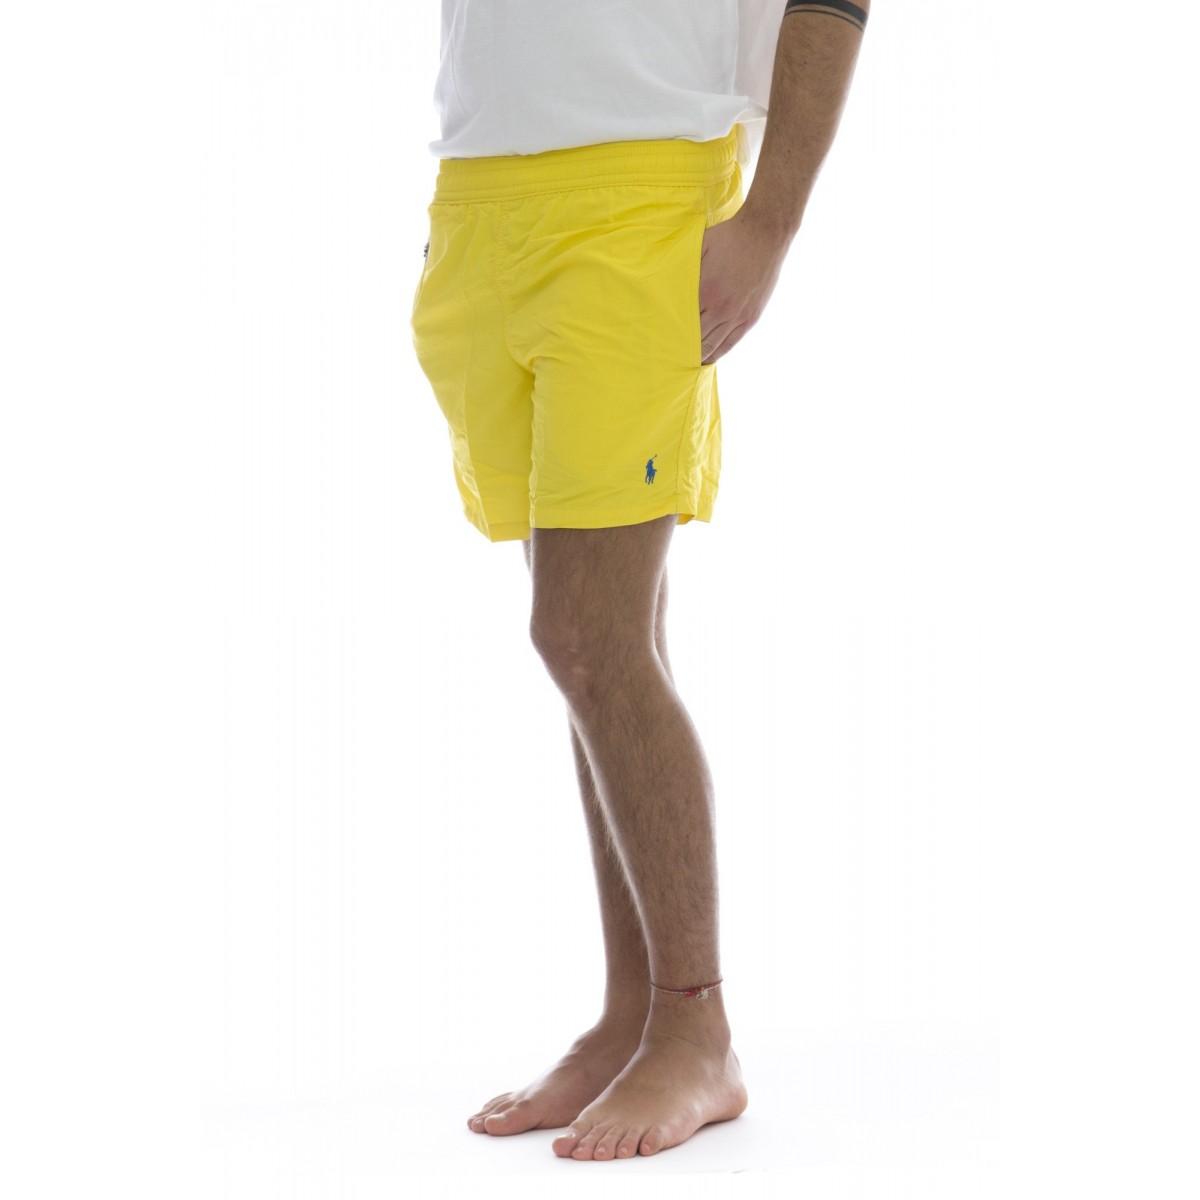 Bermuda - A75aw452y3182 short tinta unita